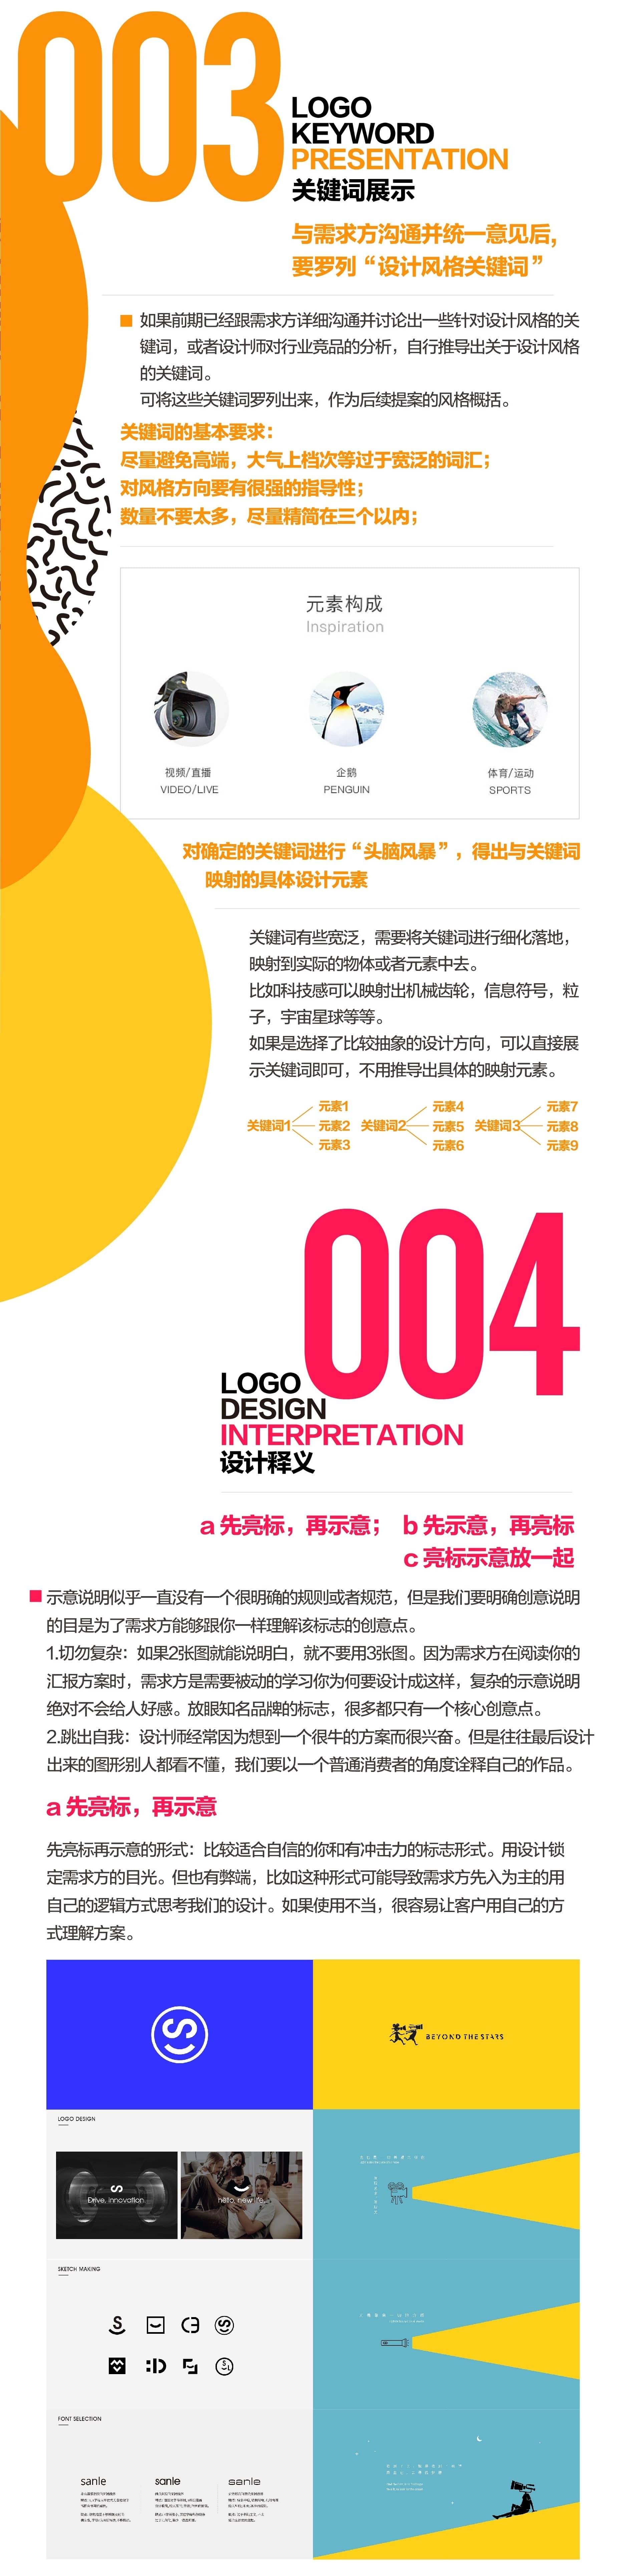 大厂出品!京东内部团队LOGO提案规范参考